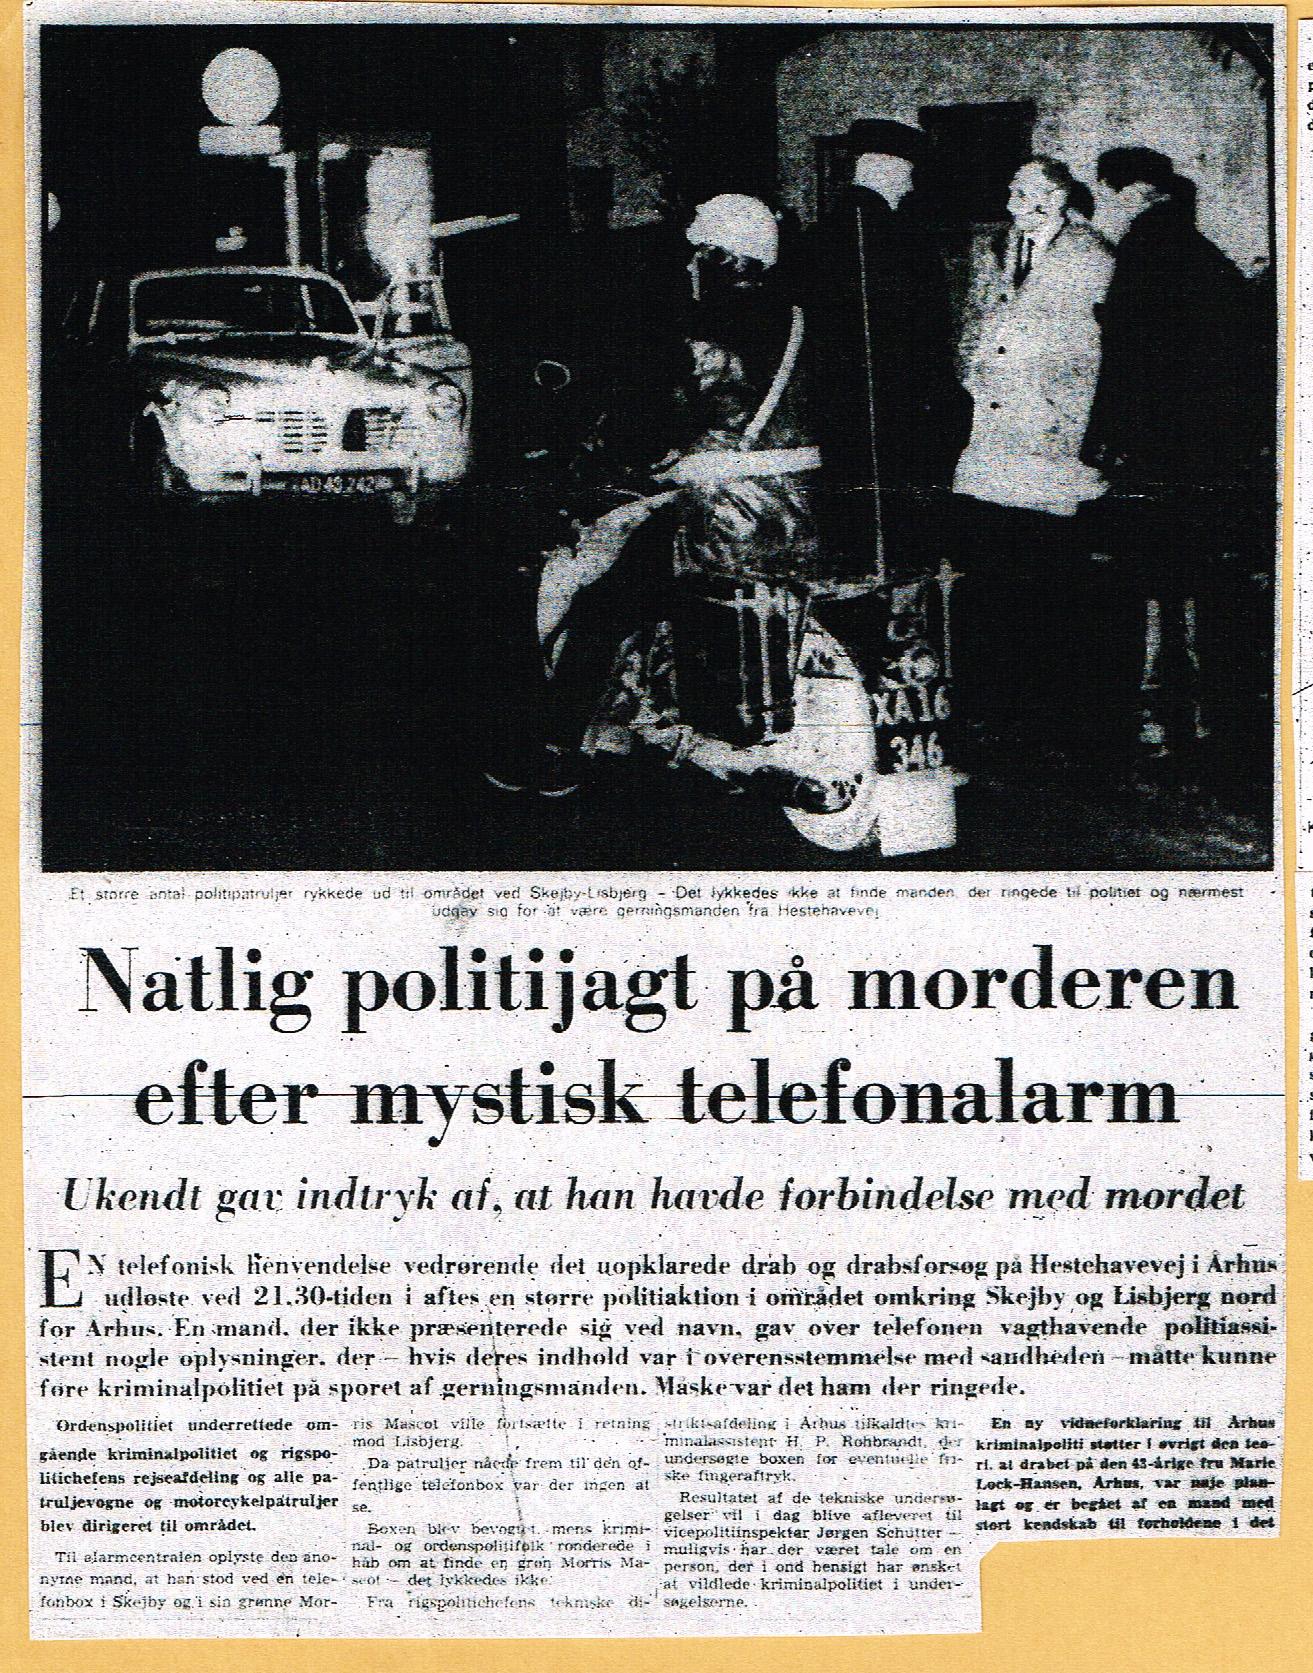 Højbjerg-mordet - Jyllands-Posten omtale 1 nov. 1967